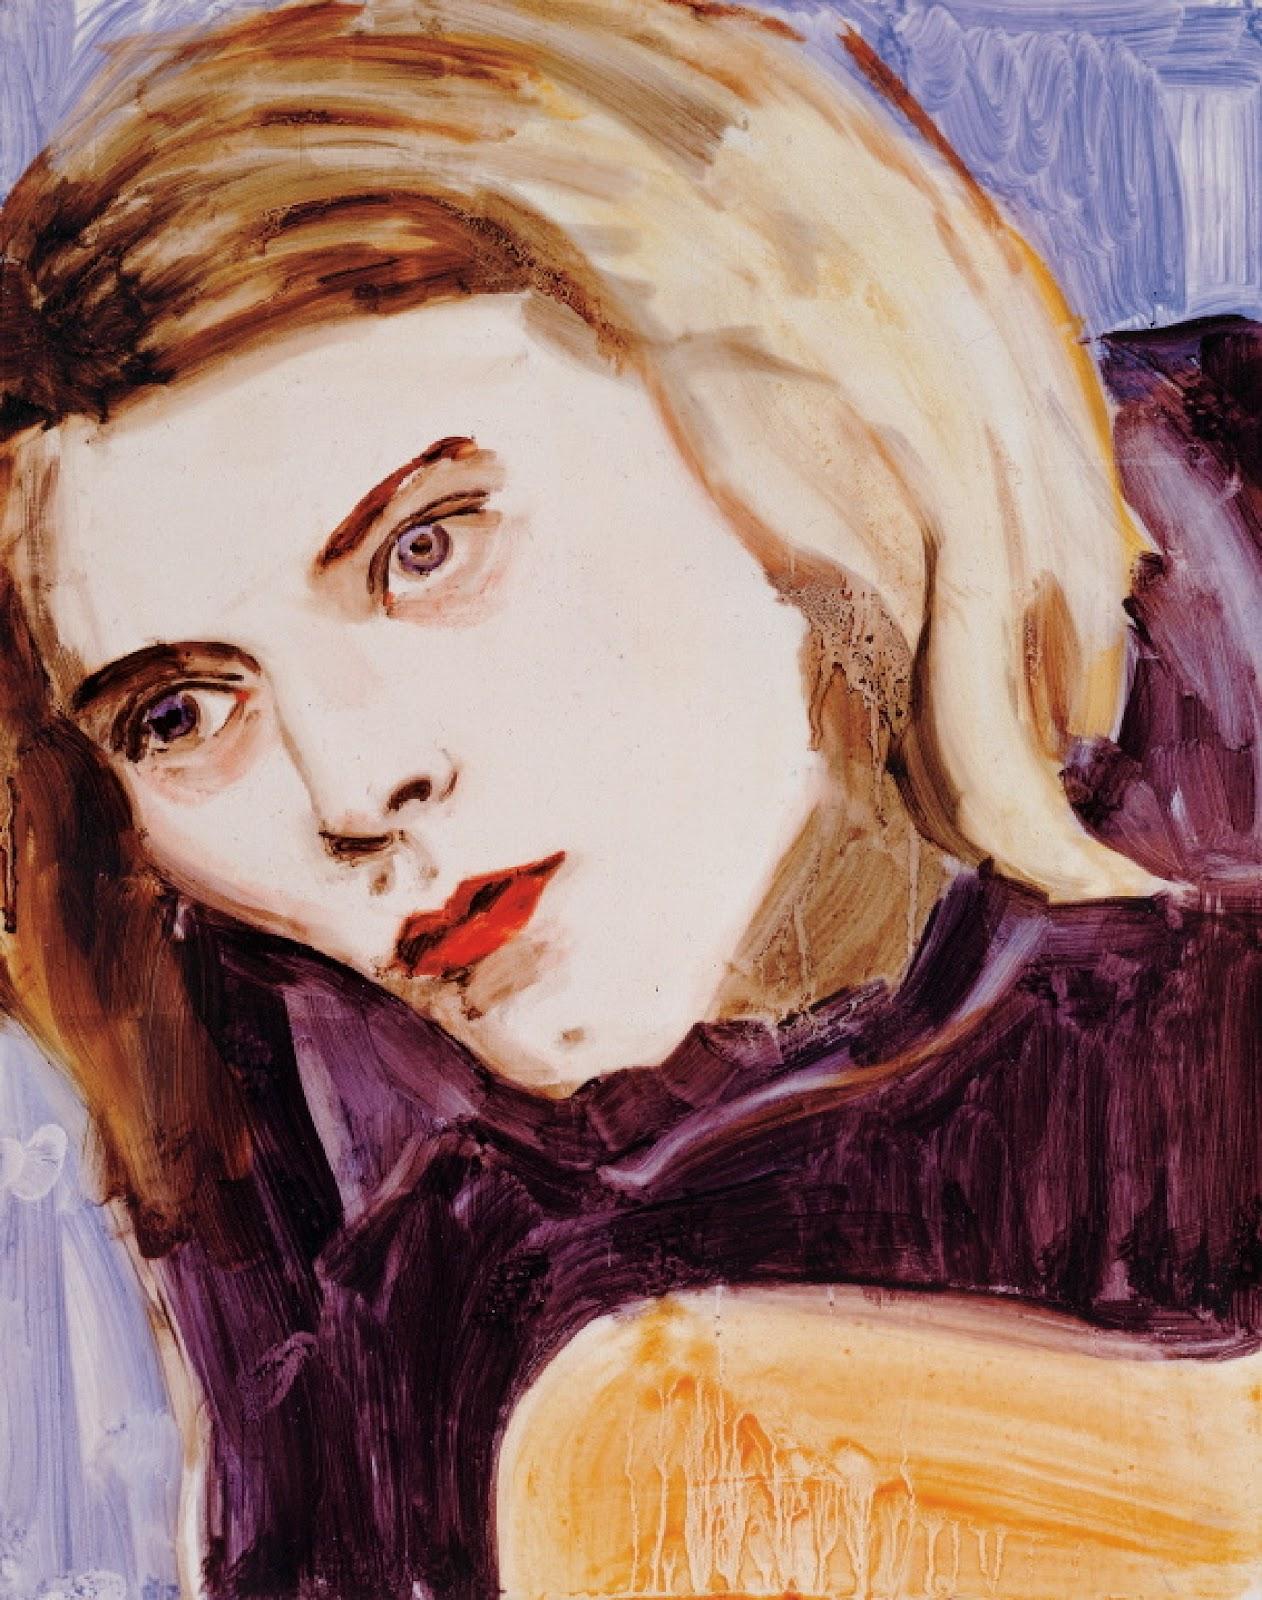 David Bowie - Dana Gillespie - Untitled